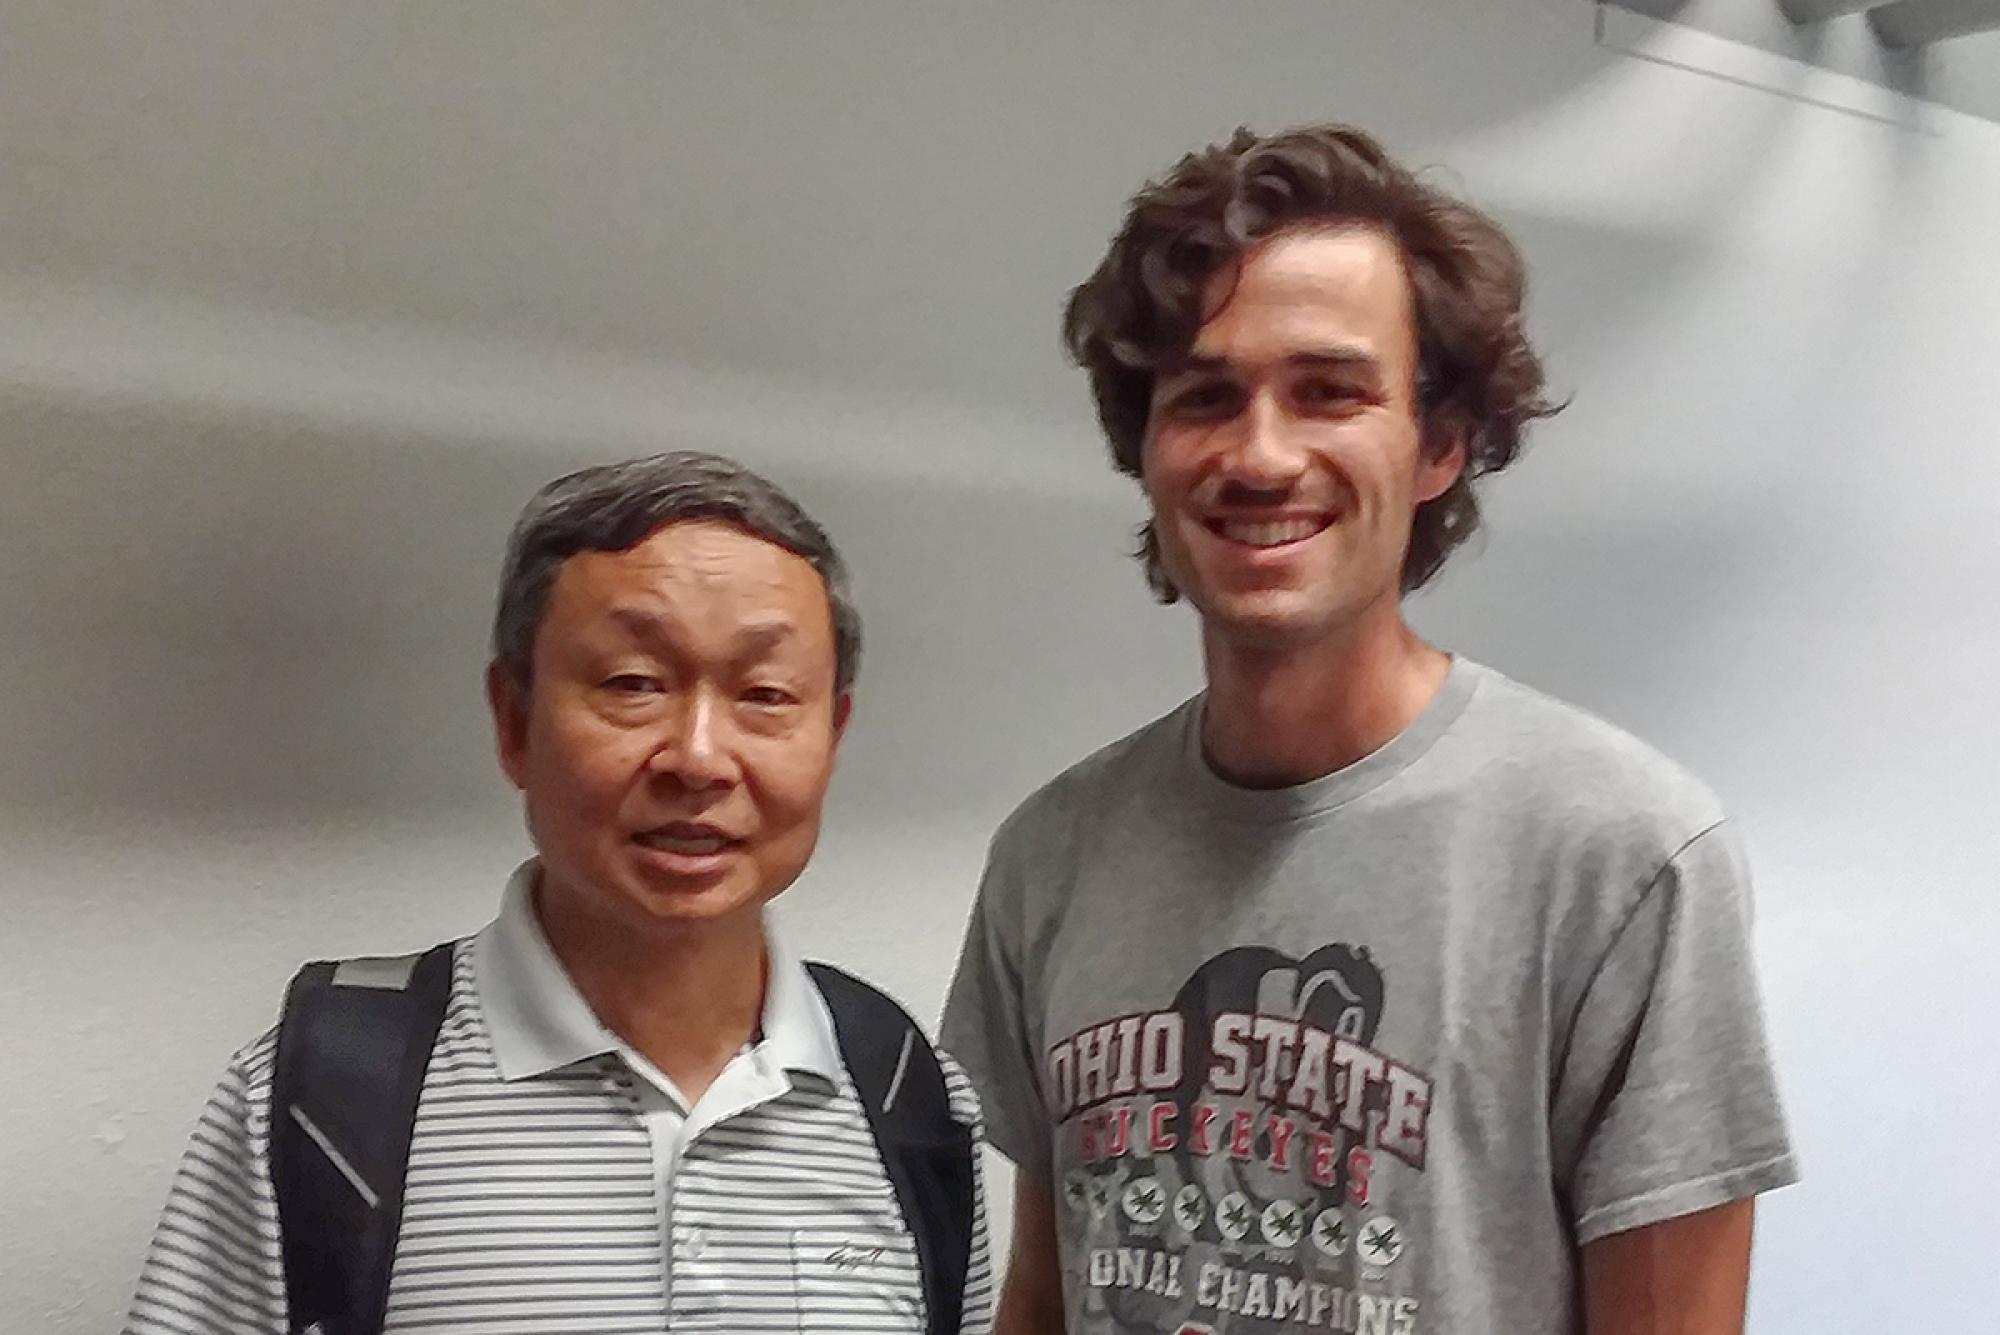 Professor Xubin Zeng and doctoral student Josh Welty